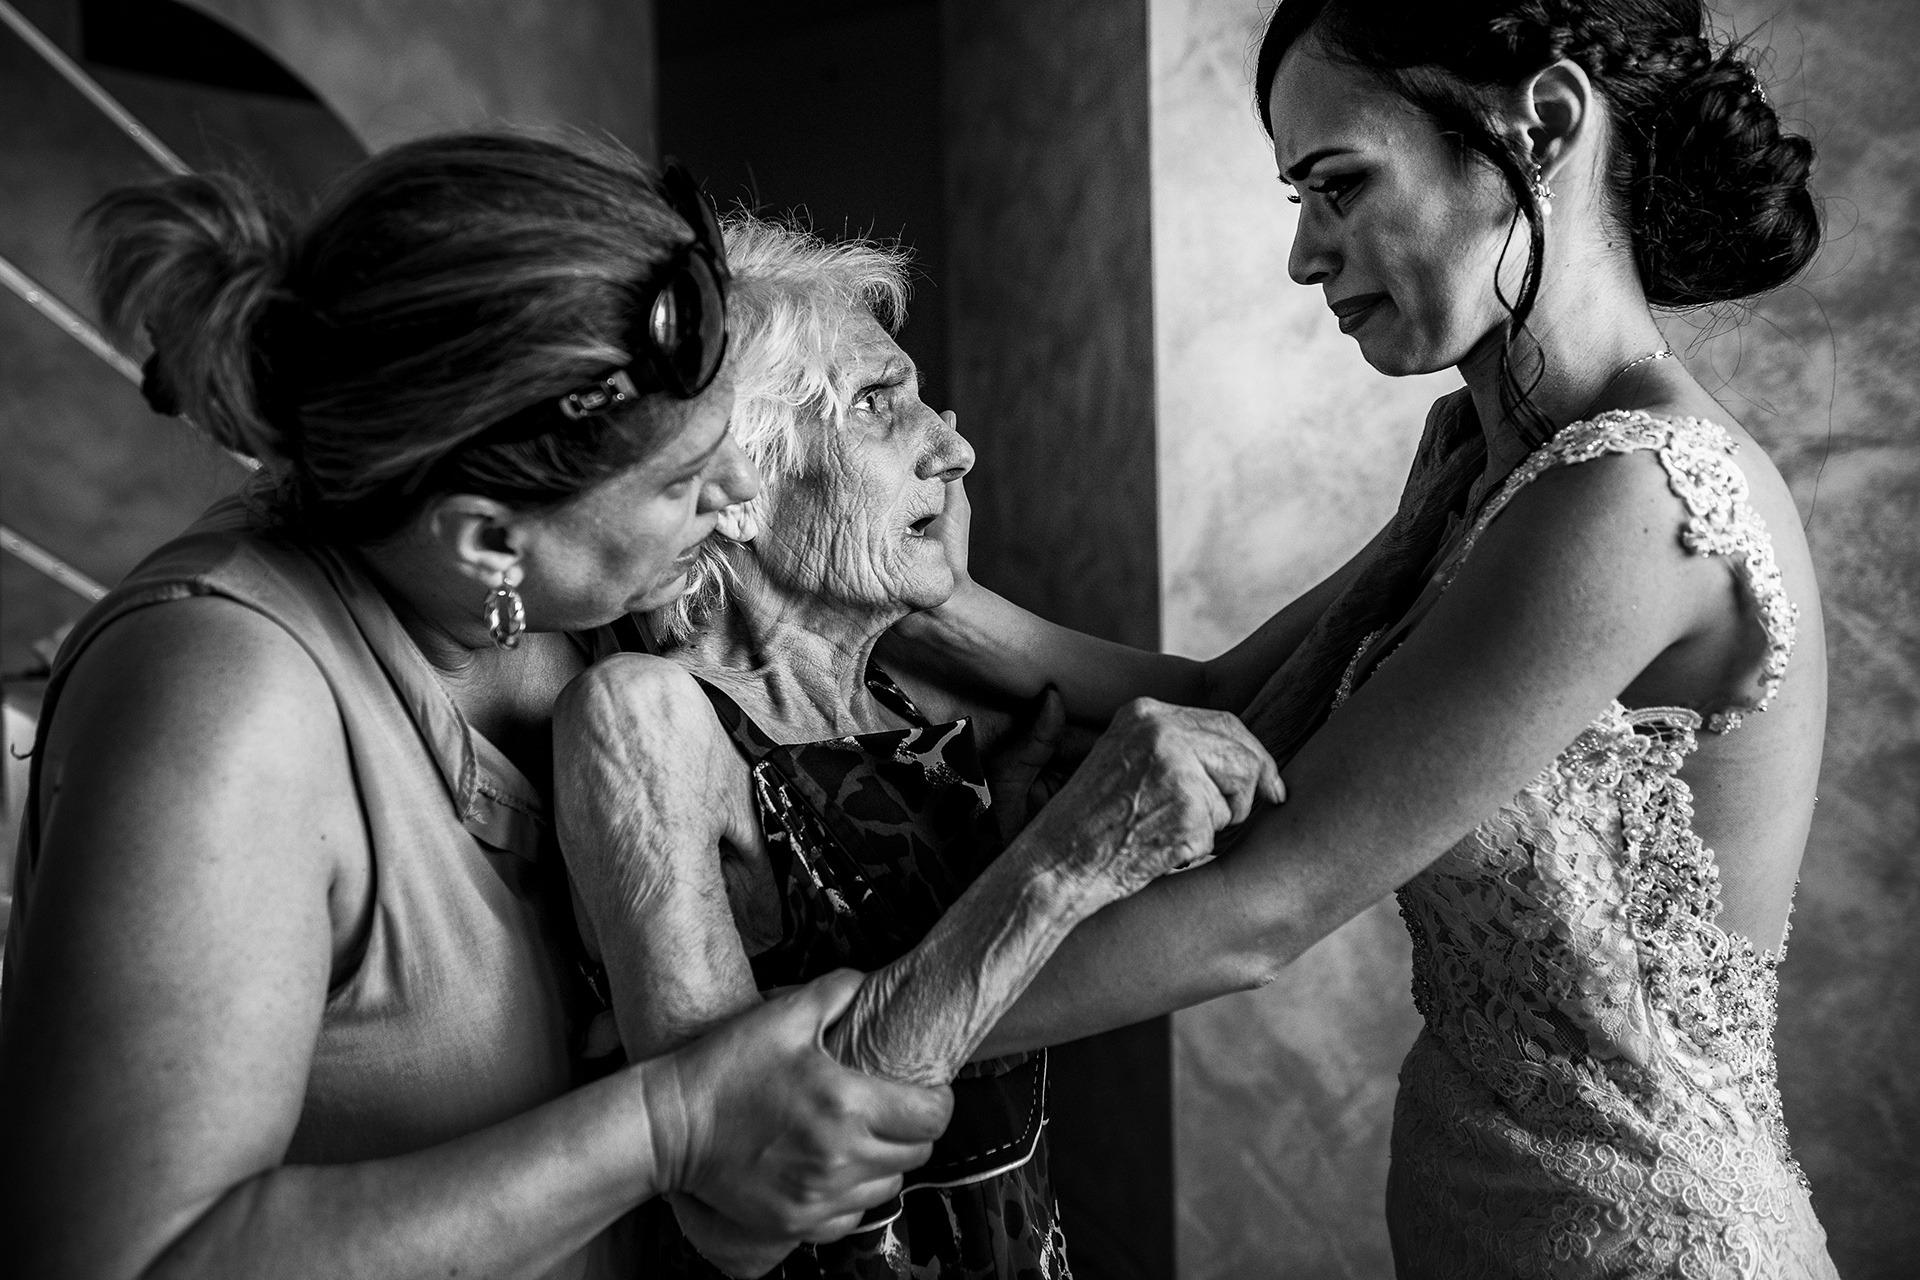 婚礼摄影记者抓住了几代人 新娘在仪式前与母亲和祖母分享片刻